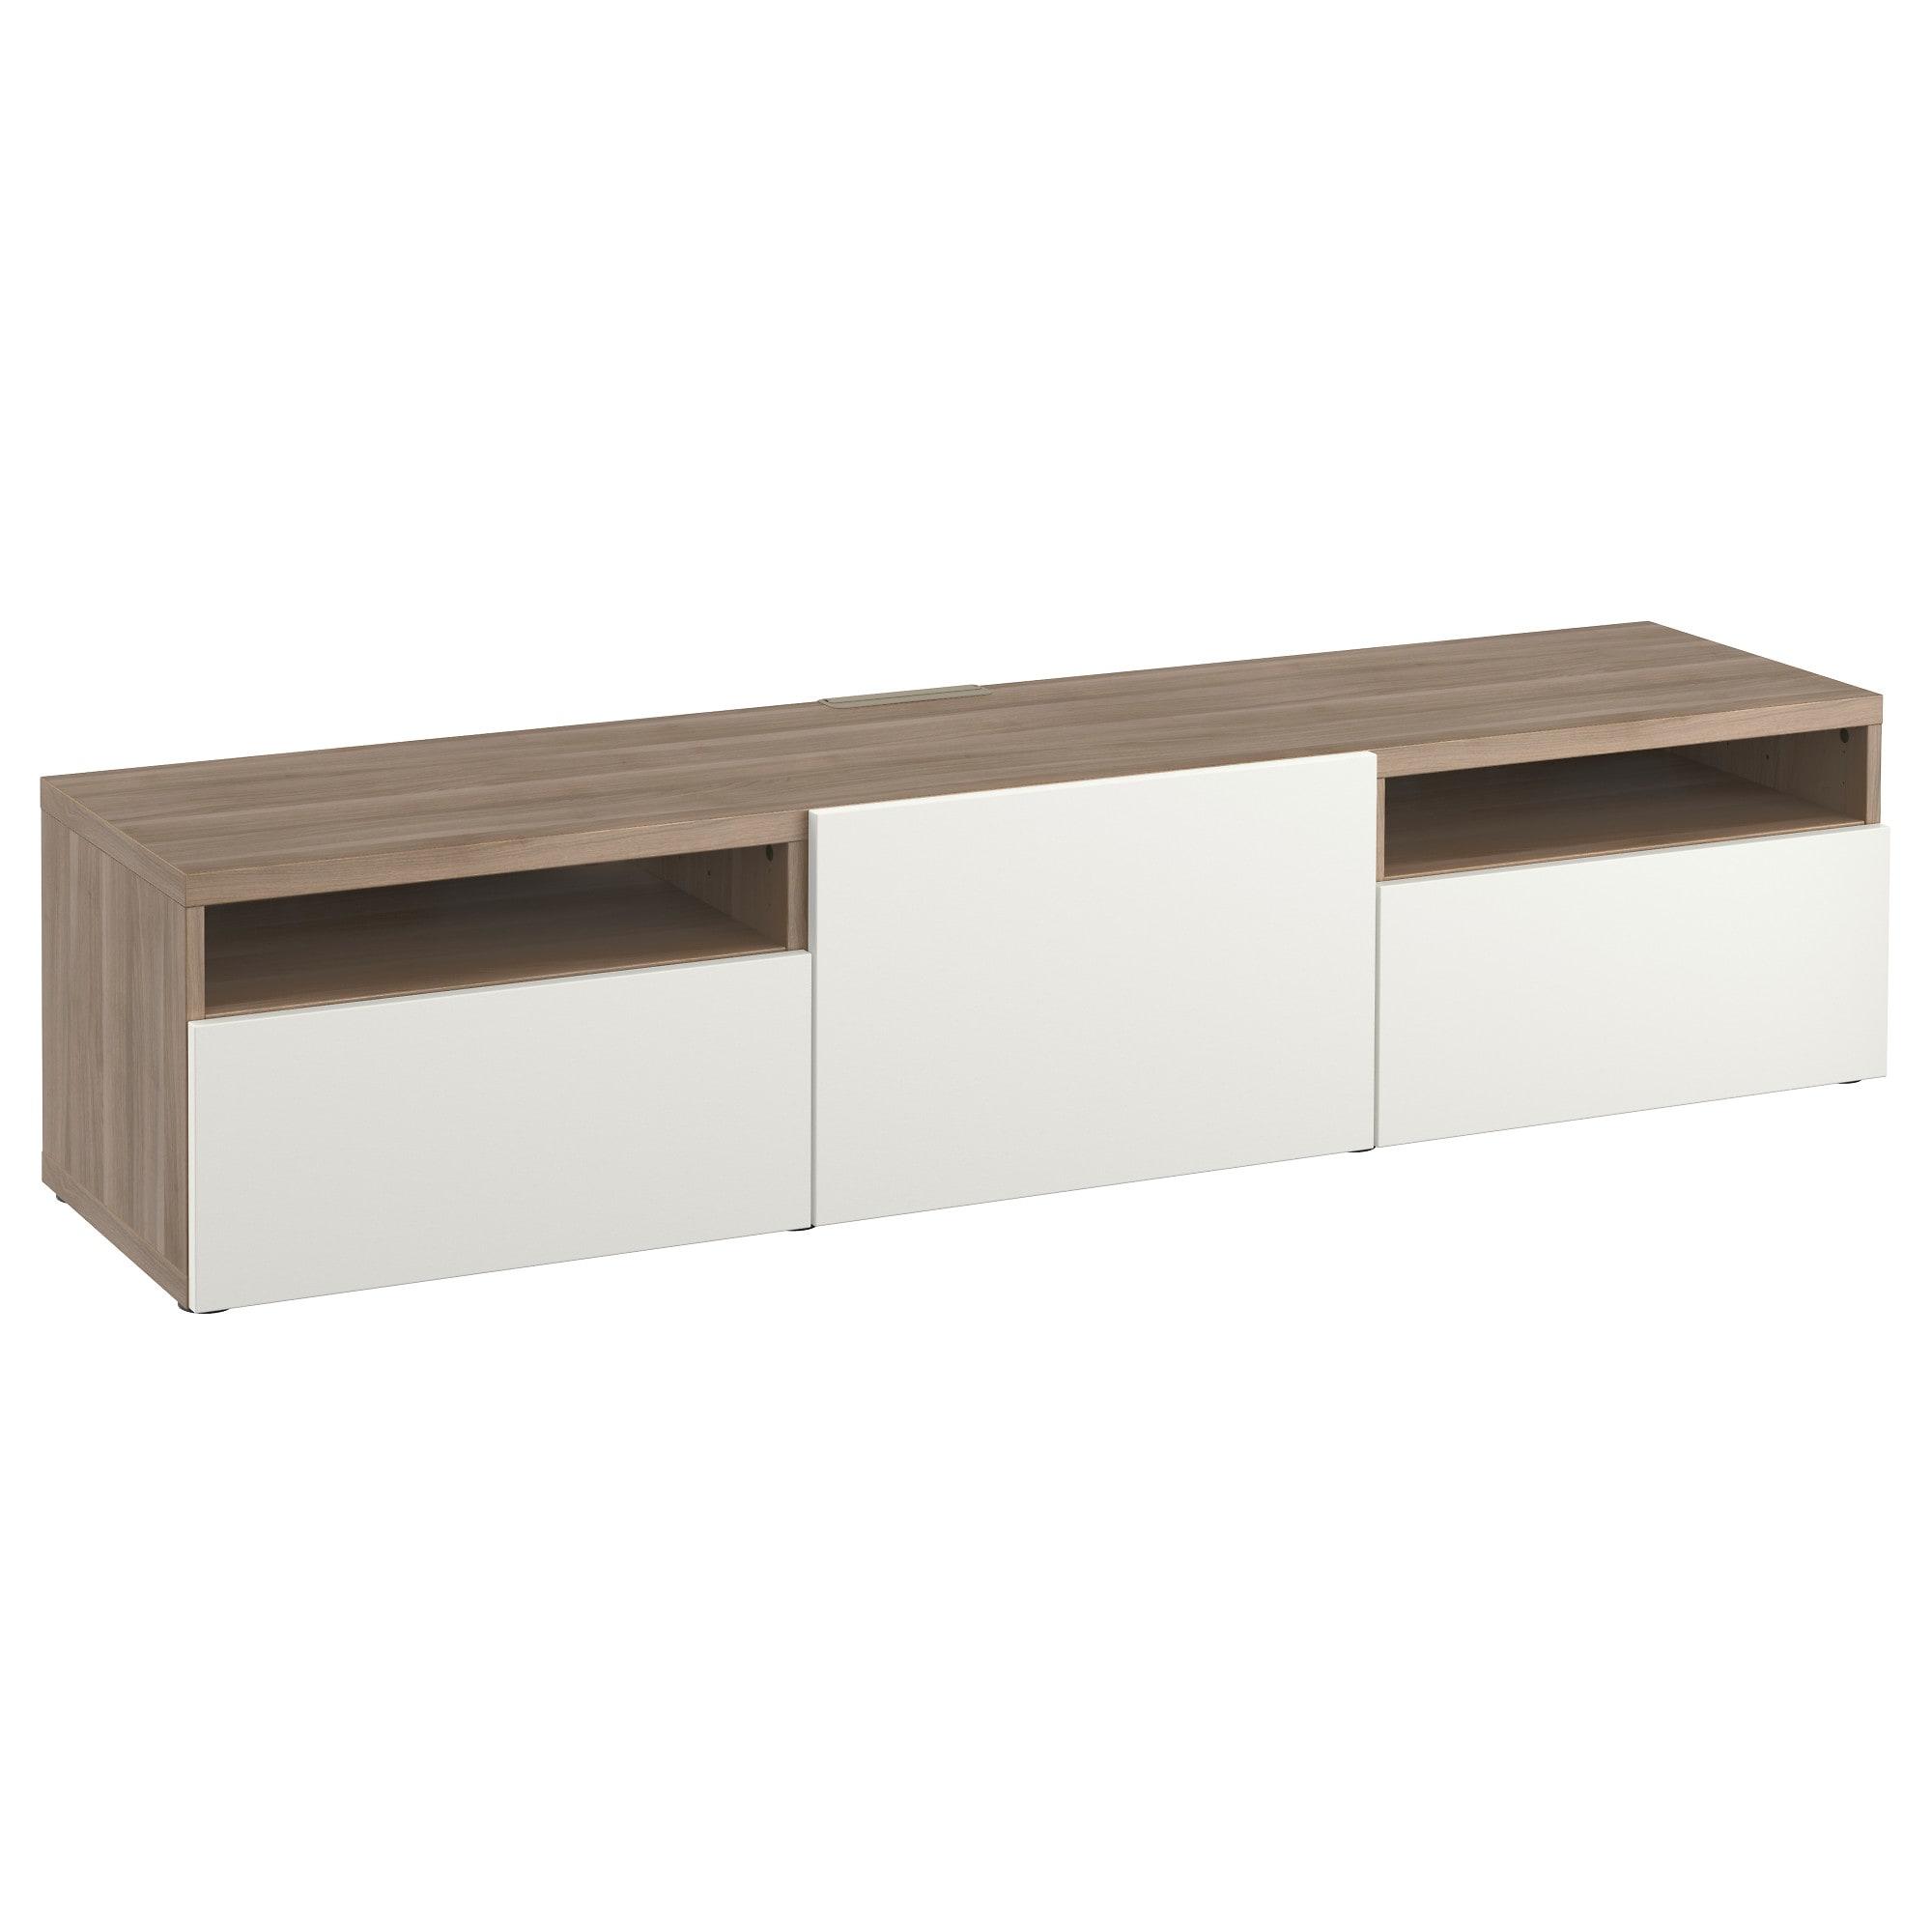 Muebles De Tv Ikea D0dg Bestà Mueble Tv Efecto Nogal Tinte Gris Lappviken Blanco 180 X 40 X